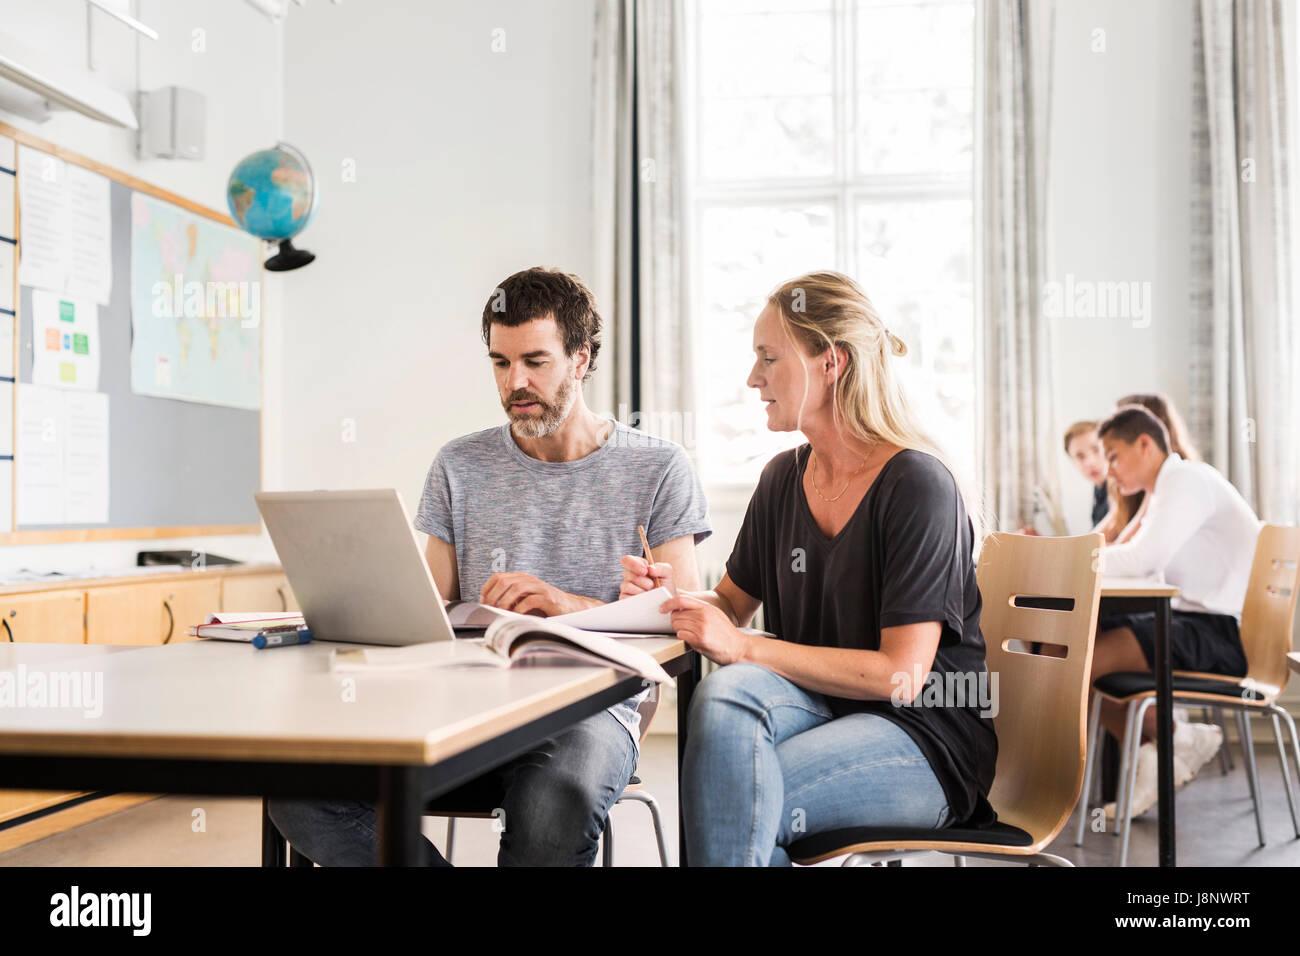 Les enseignants et les étudiants (14-15) in classroom Banque D'Images